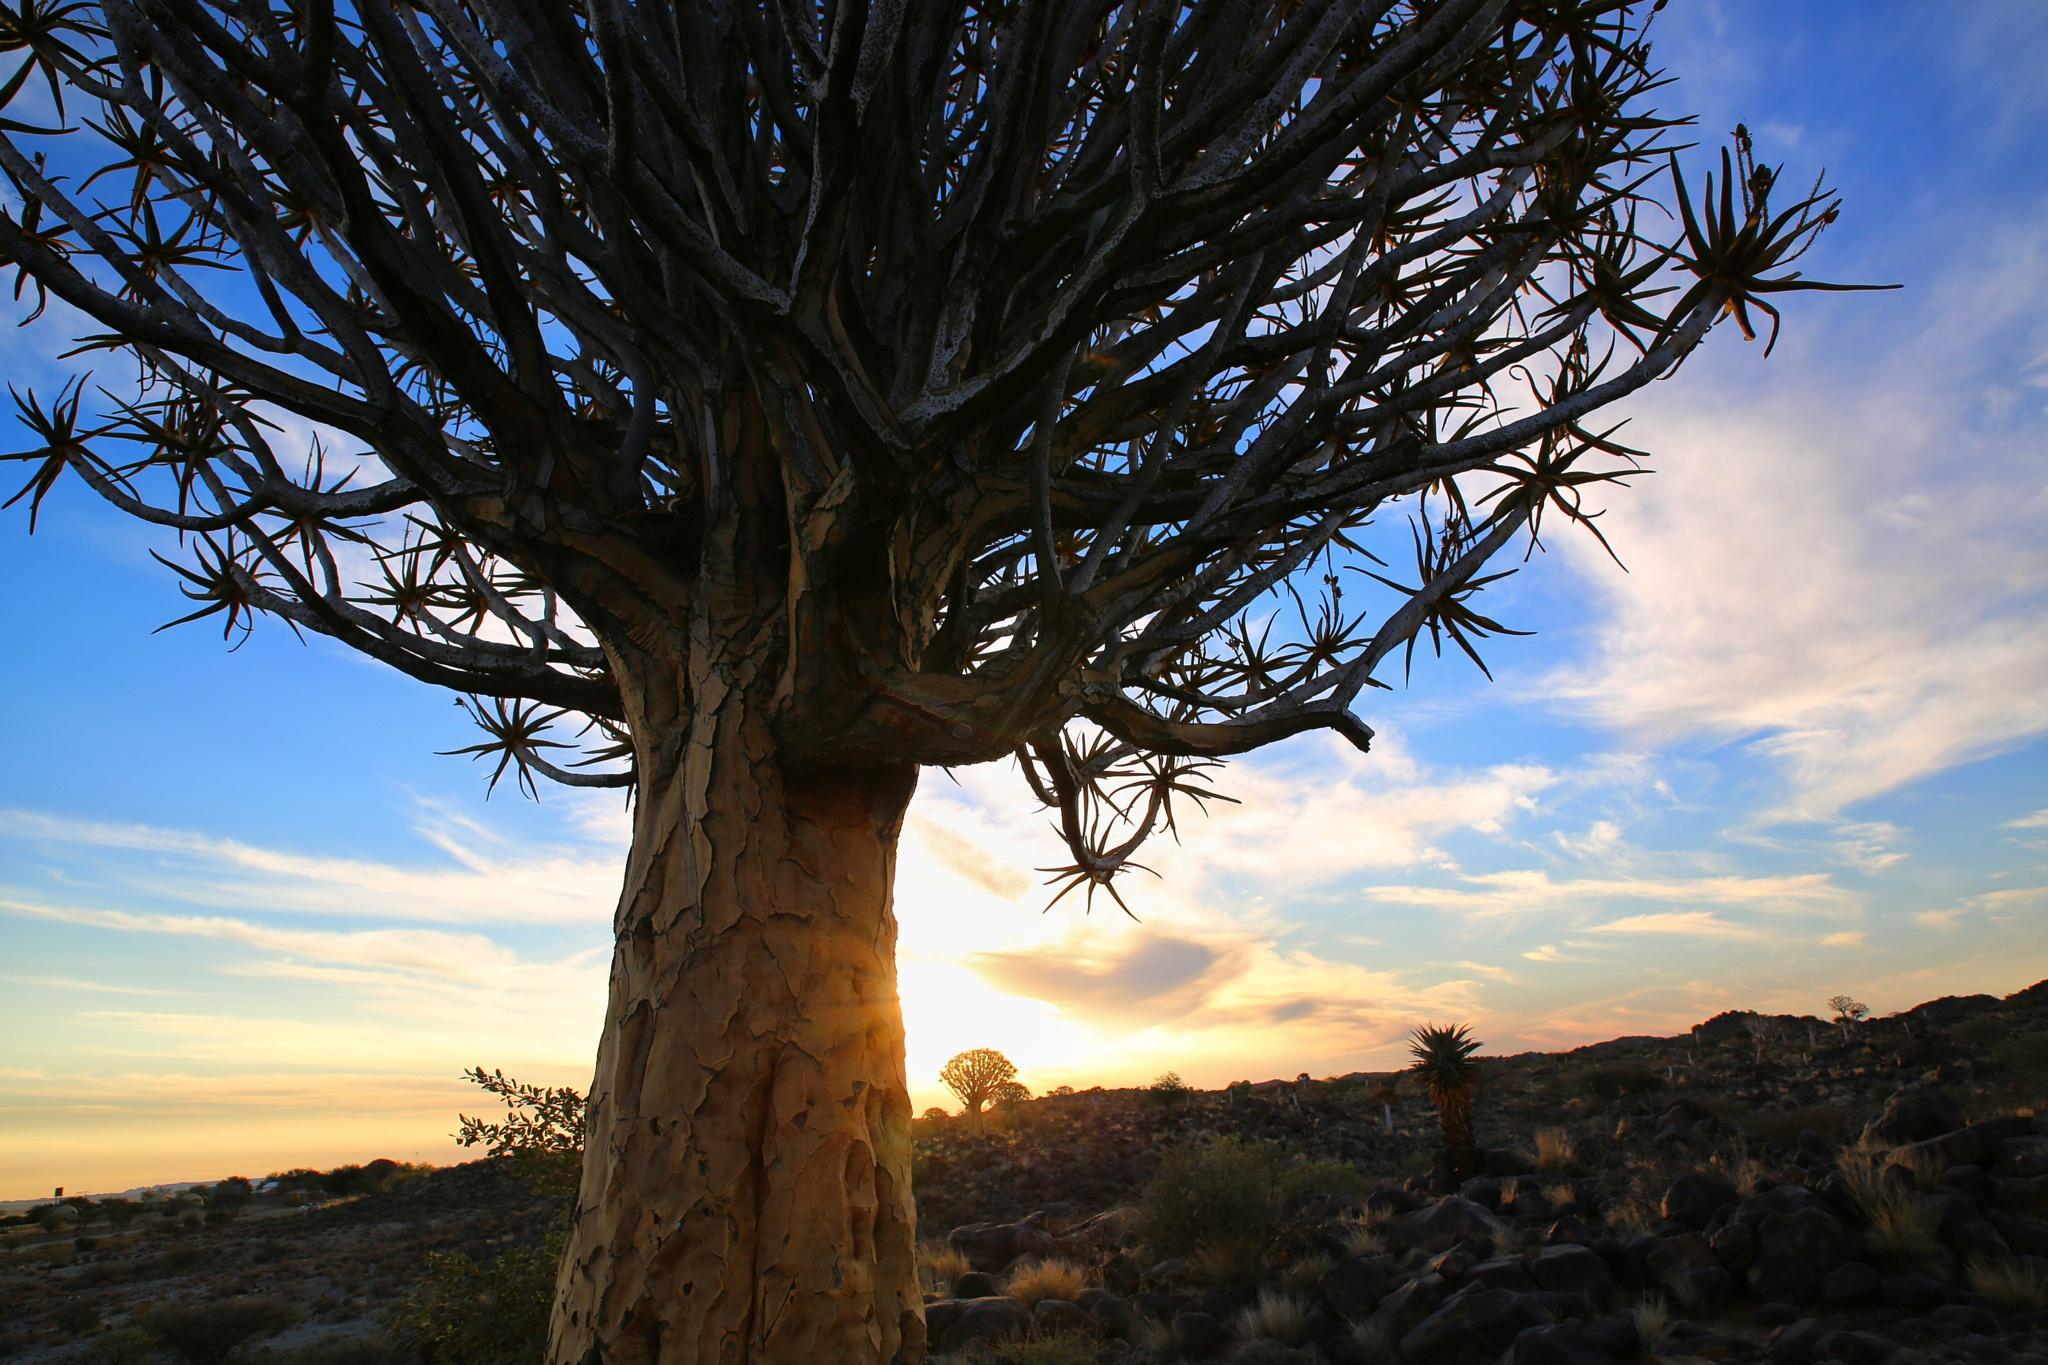 Quiver tree by Kjersti Holmang